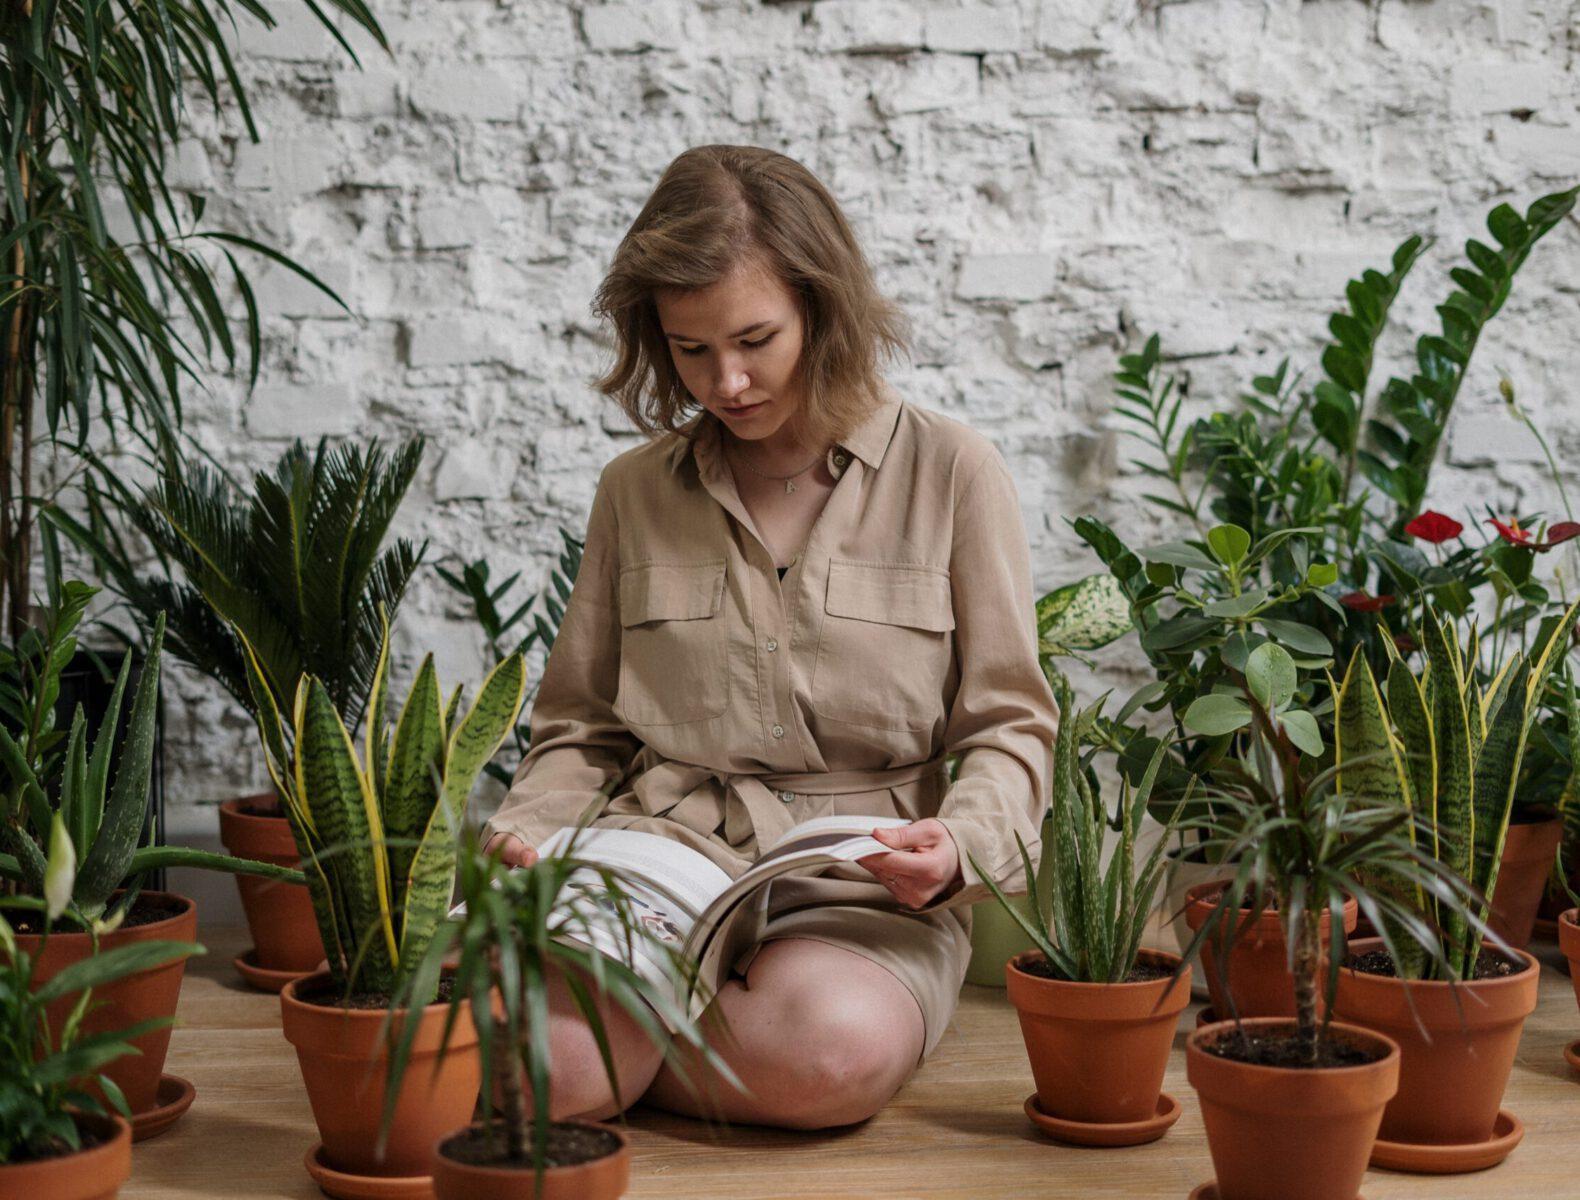 Vrouw zit op de grond tussen duurzame kamerplanten